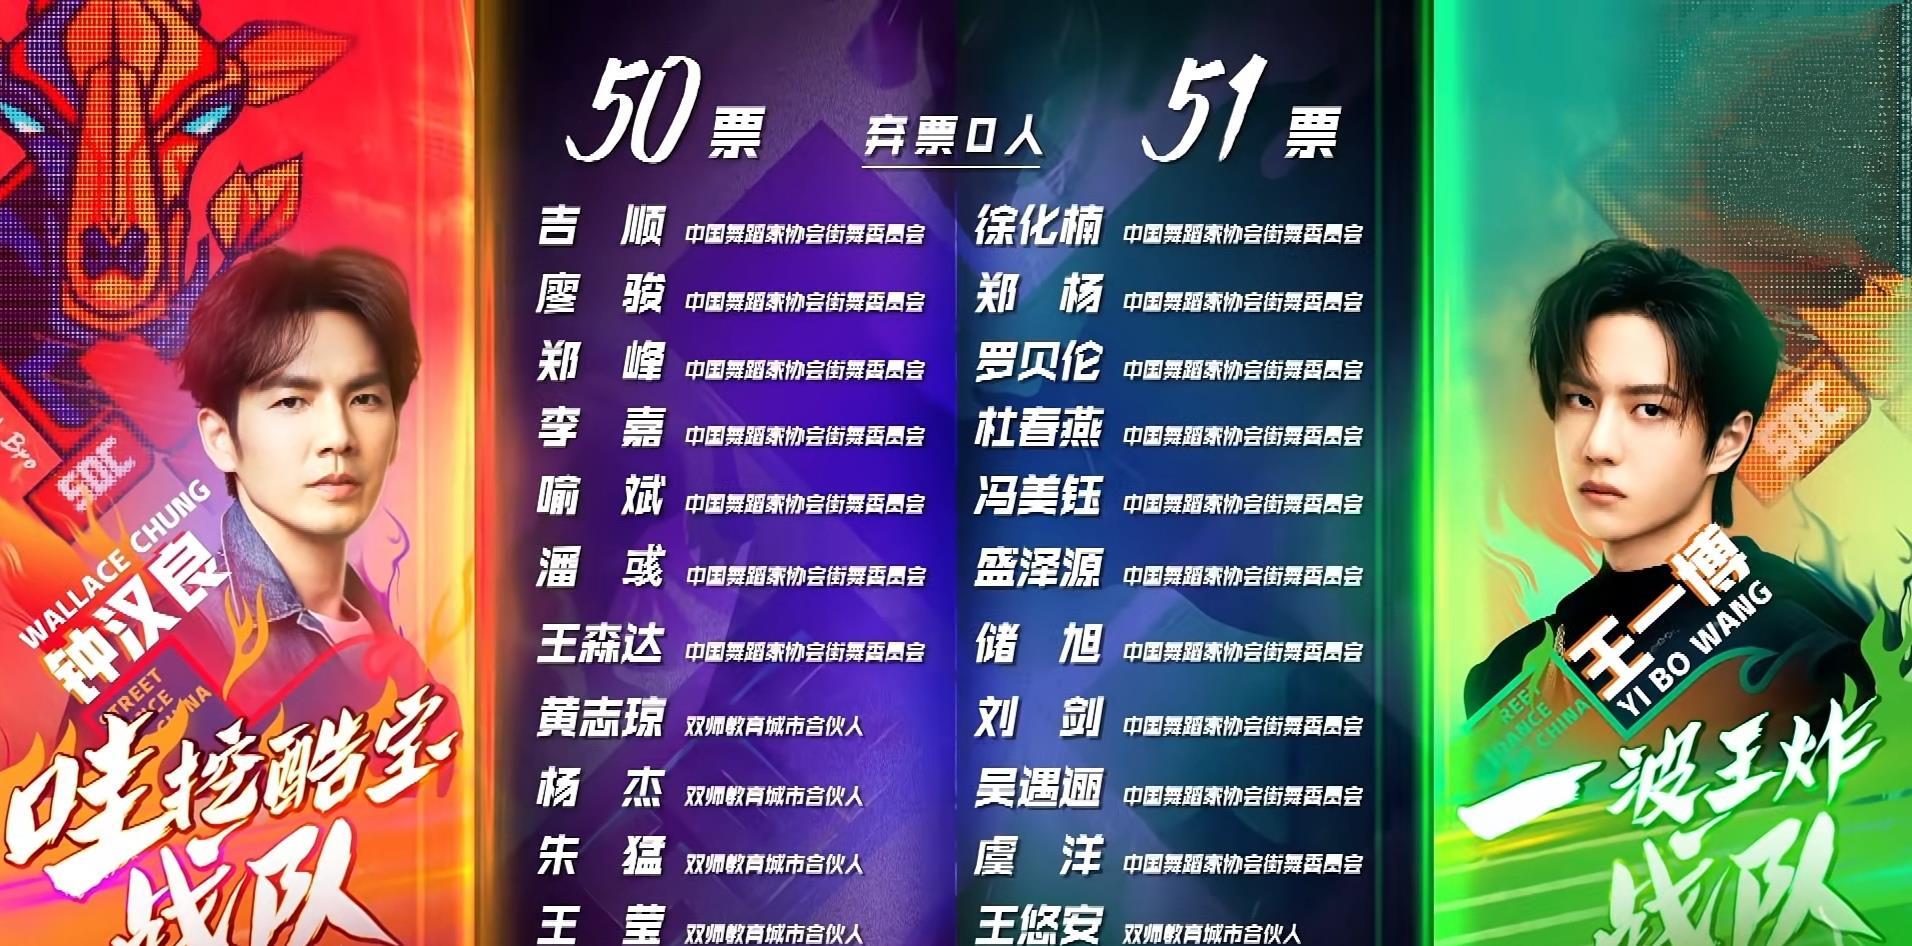 《街舞3》8人競爭1個名額,復活Battle難度大,大婷肖傑復活在望-圖8